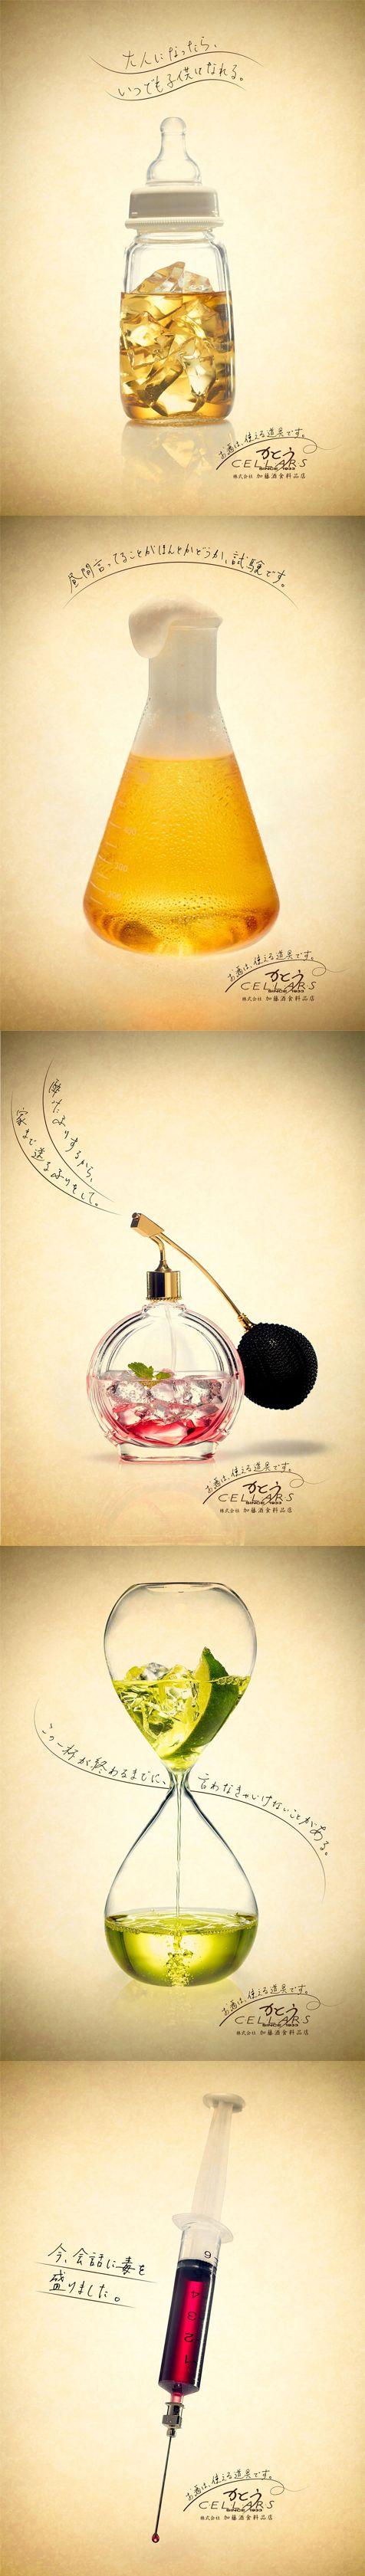 文の里商店街 poster|CELLARS kato